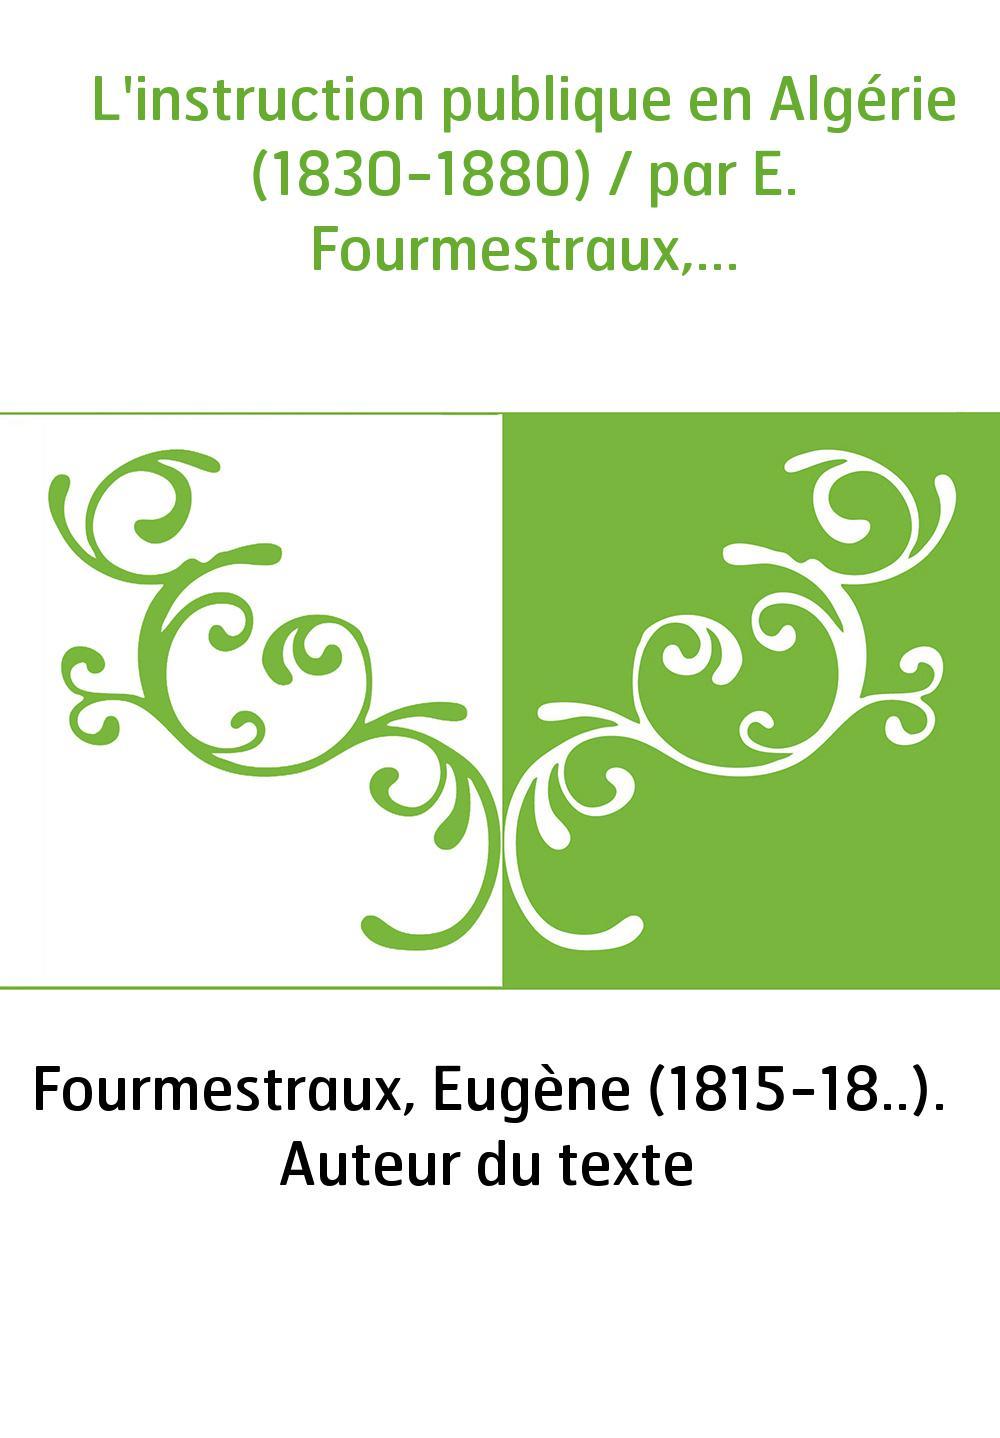 L'instruction publique en Algérie (1830-1880) / par E. Fourmestraux,...